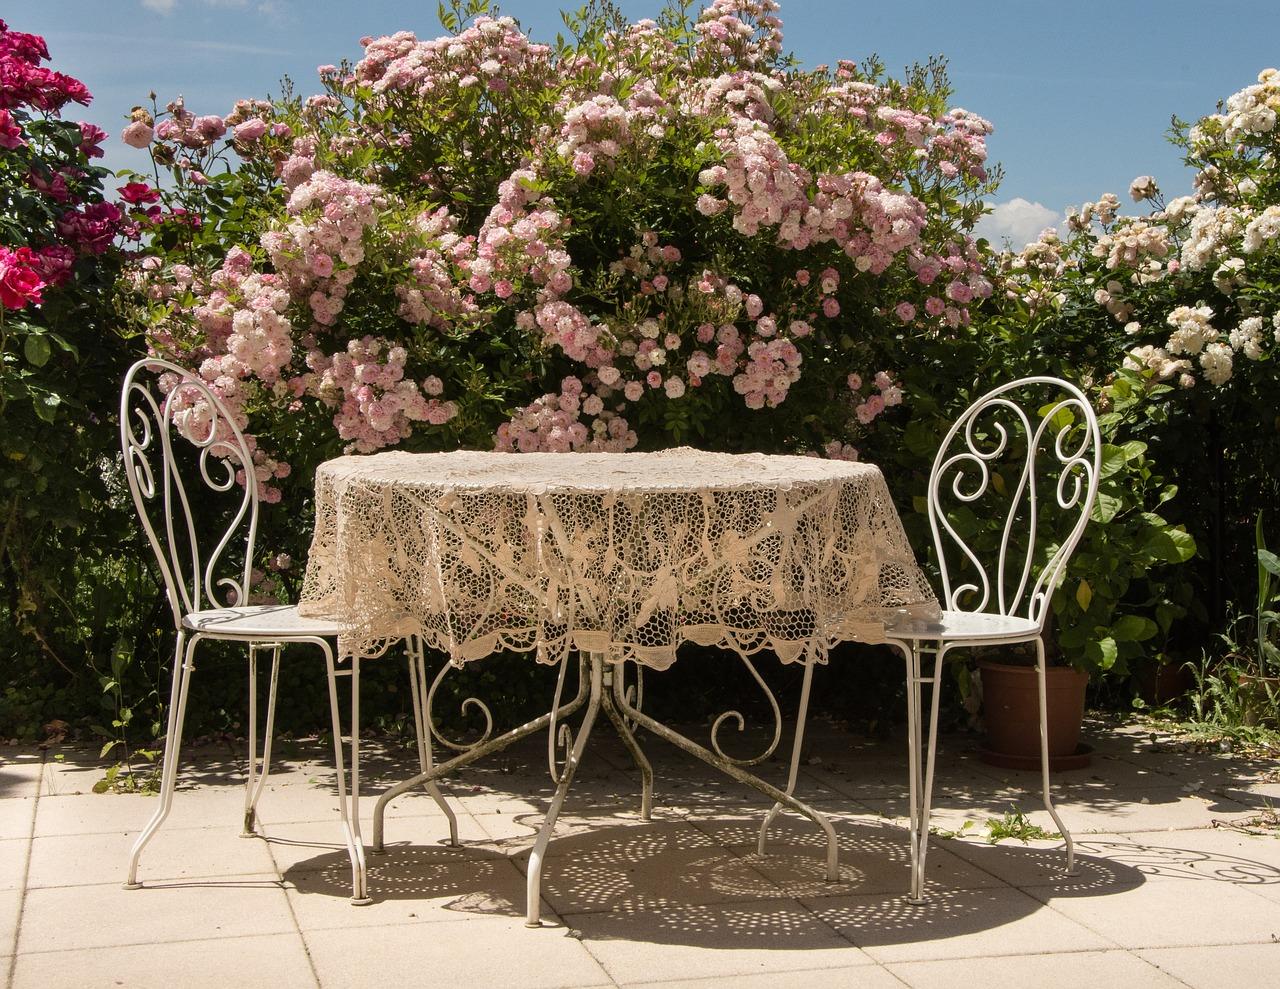 Terrasse Tisch Stühle Sitzen Blumen Hecke Garten